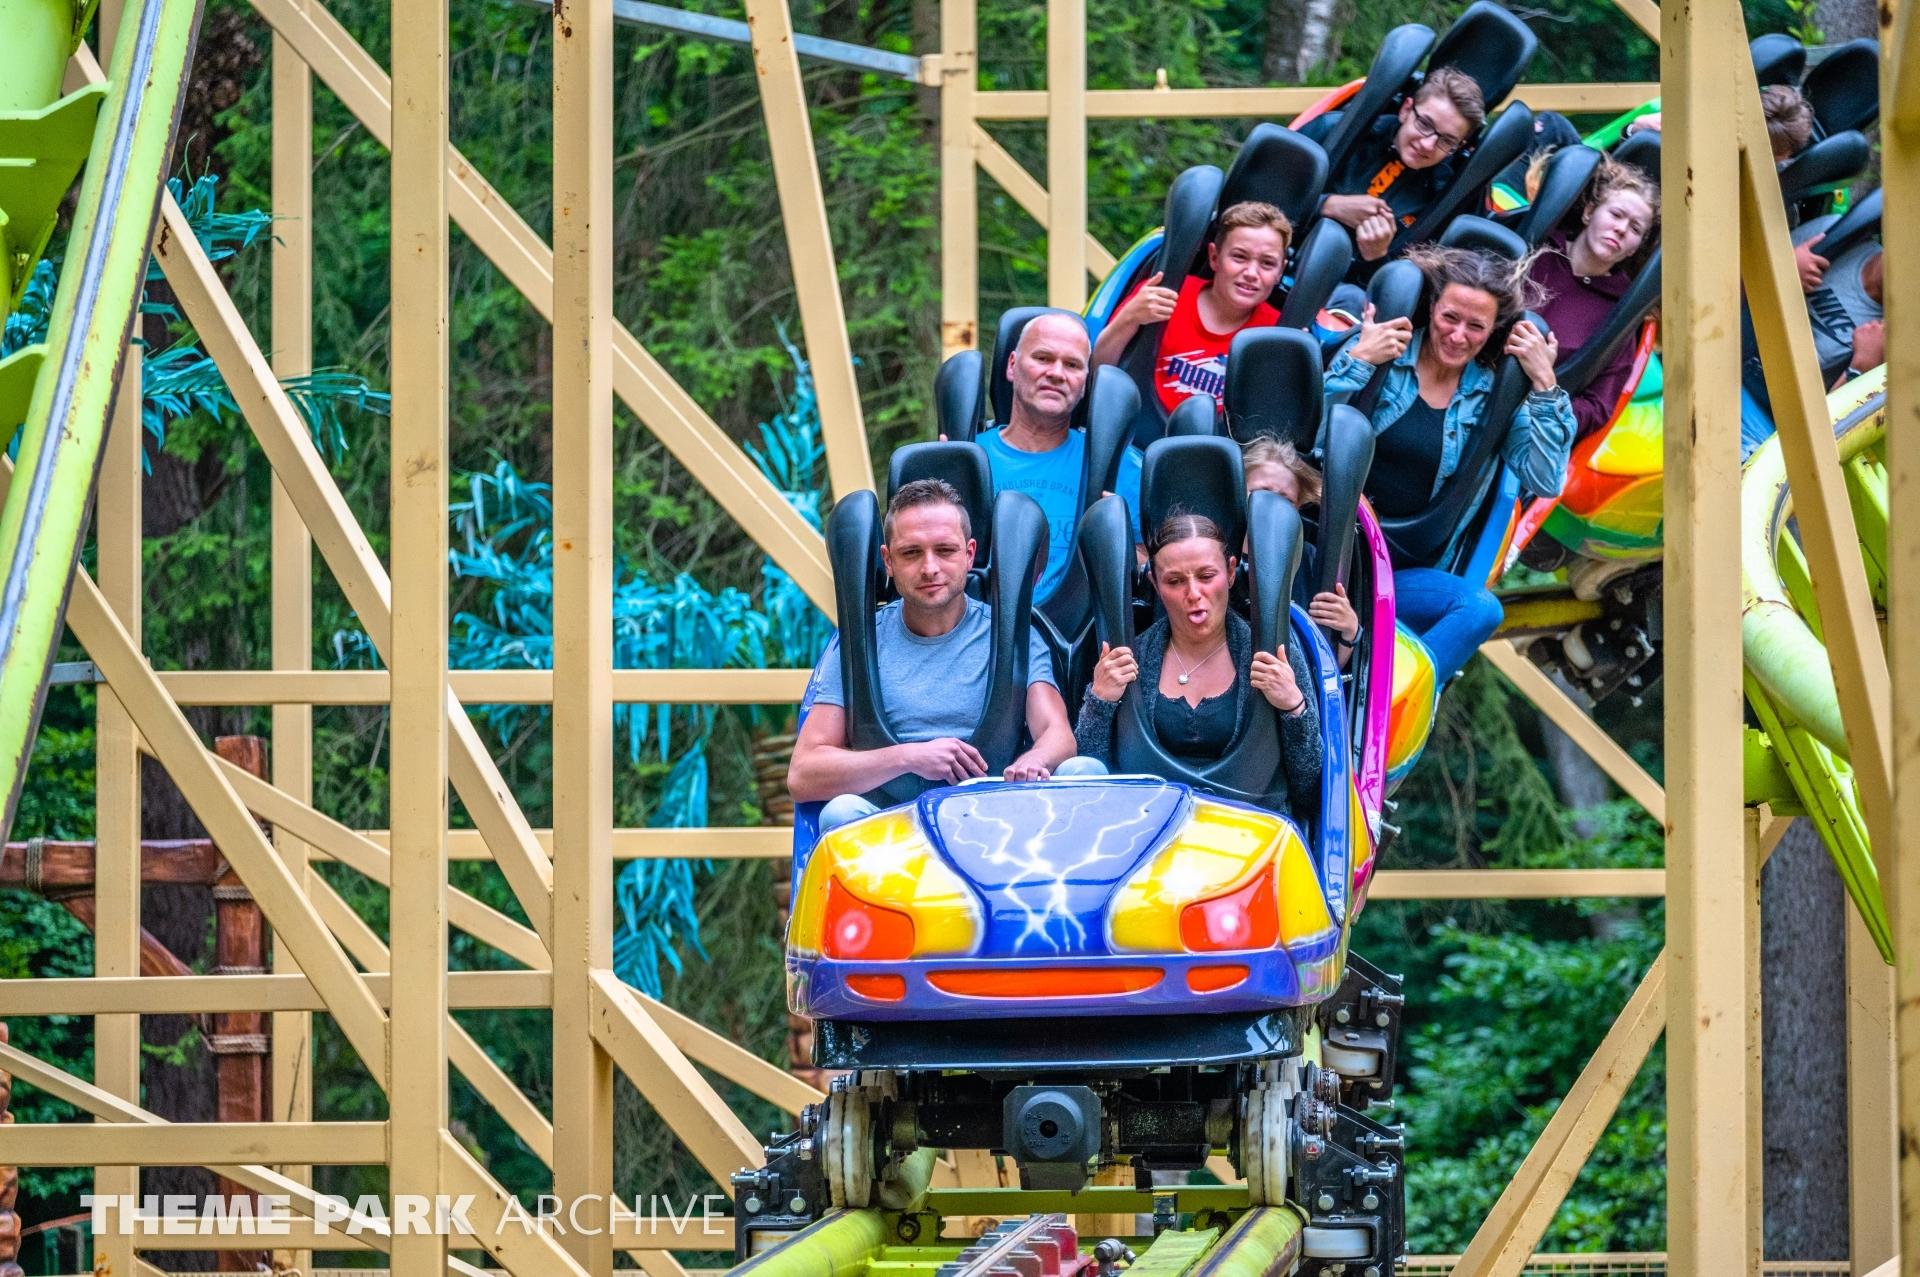 Cobra Coaster at Freizeit Land Geiselwind